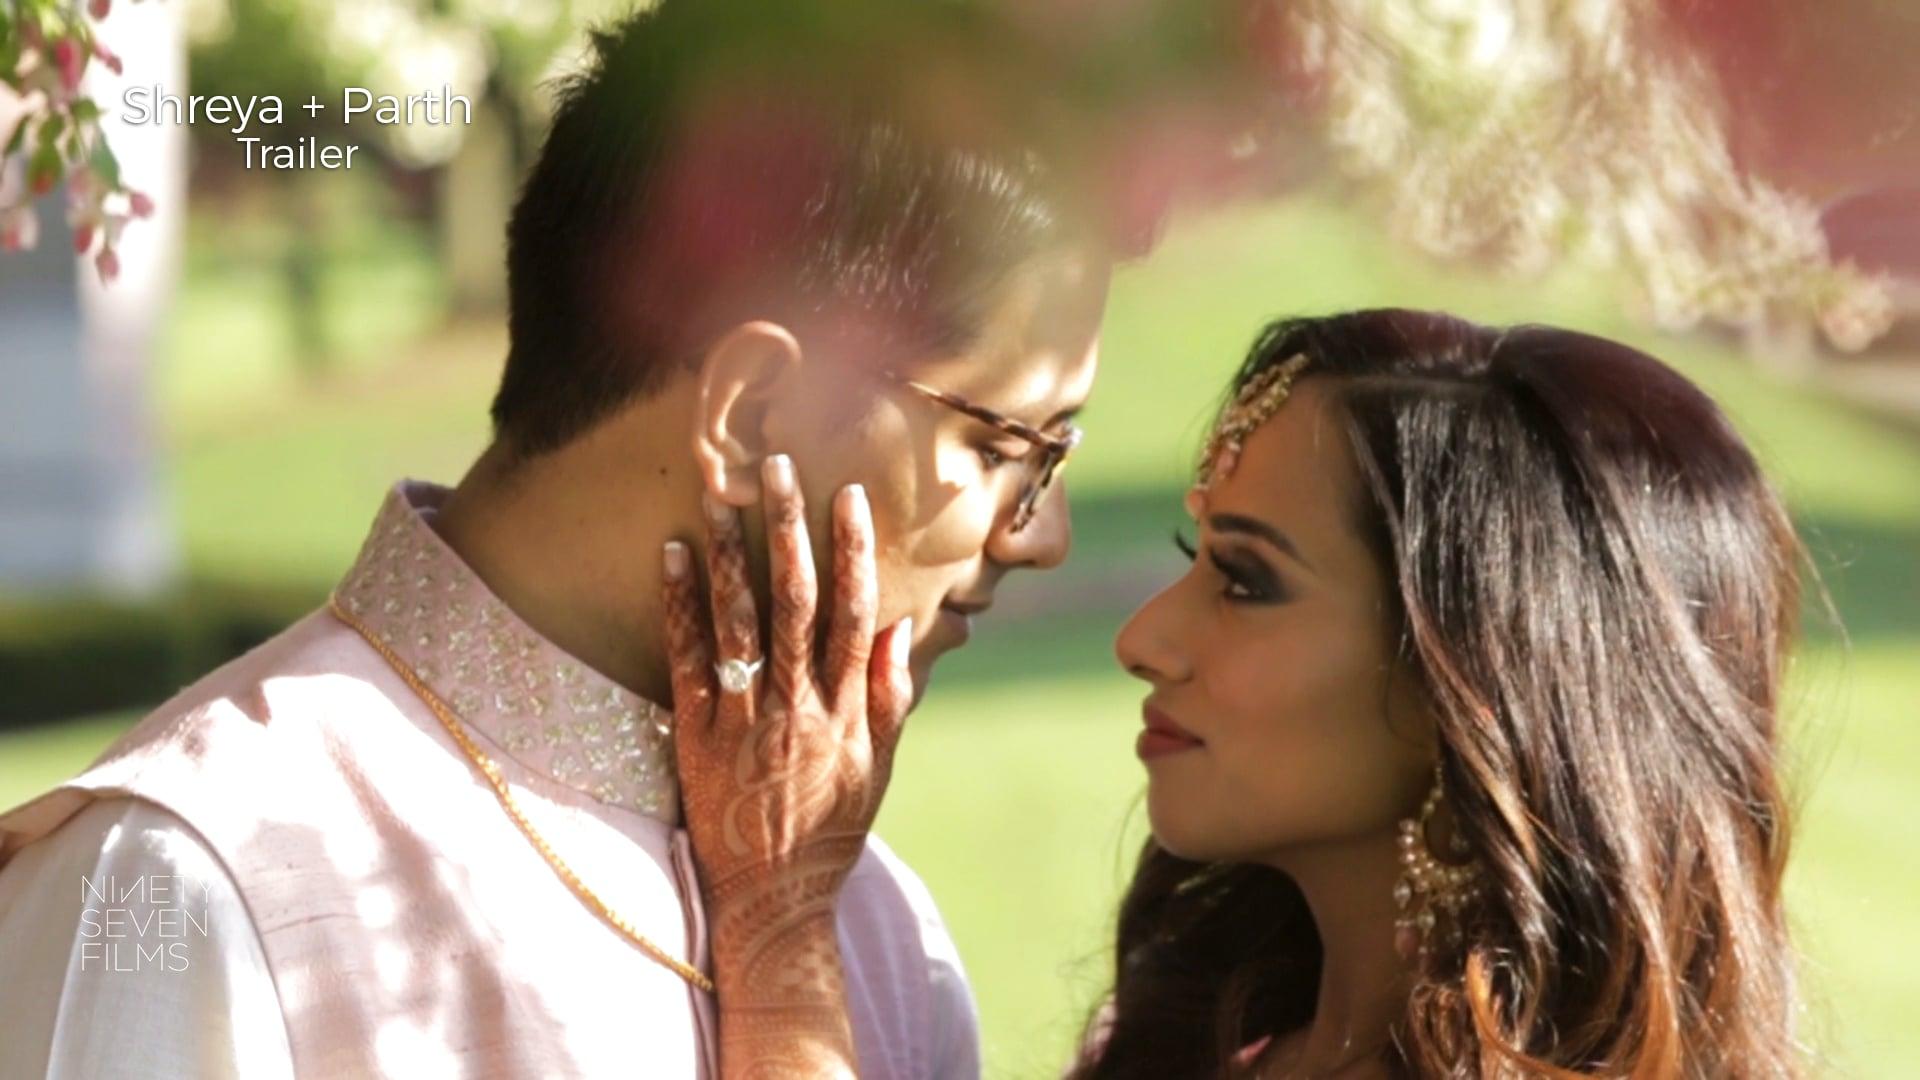 The Henry Hotel Dearborn Hindu Wedding Film | Shreya + Parth Wedding Trailer